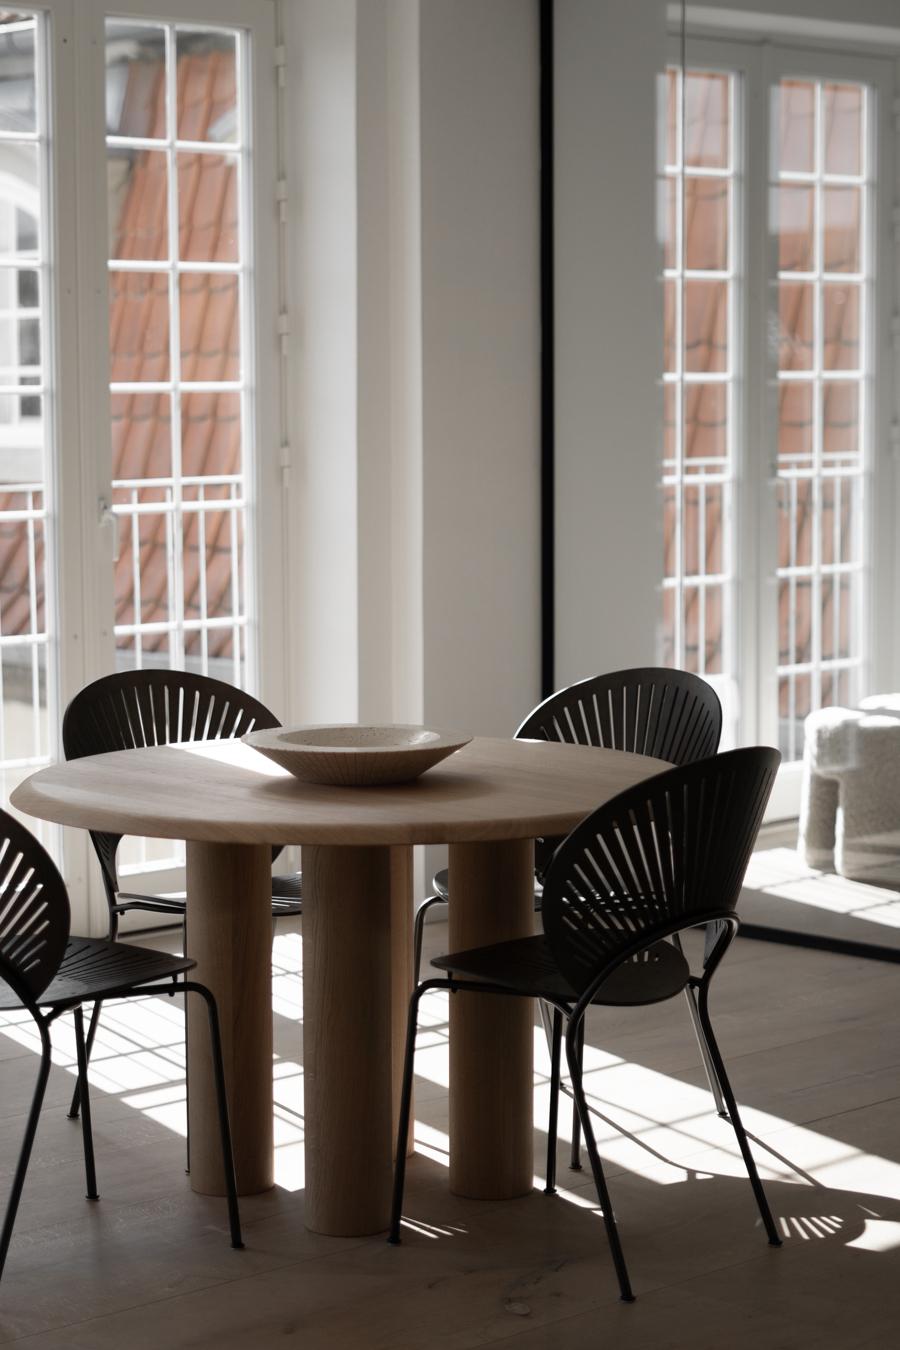 fredericia-furniture-danish-design-interior-style ...